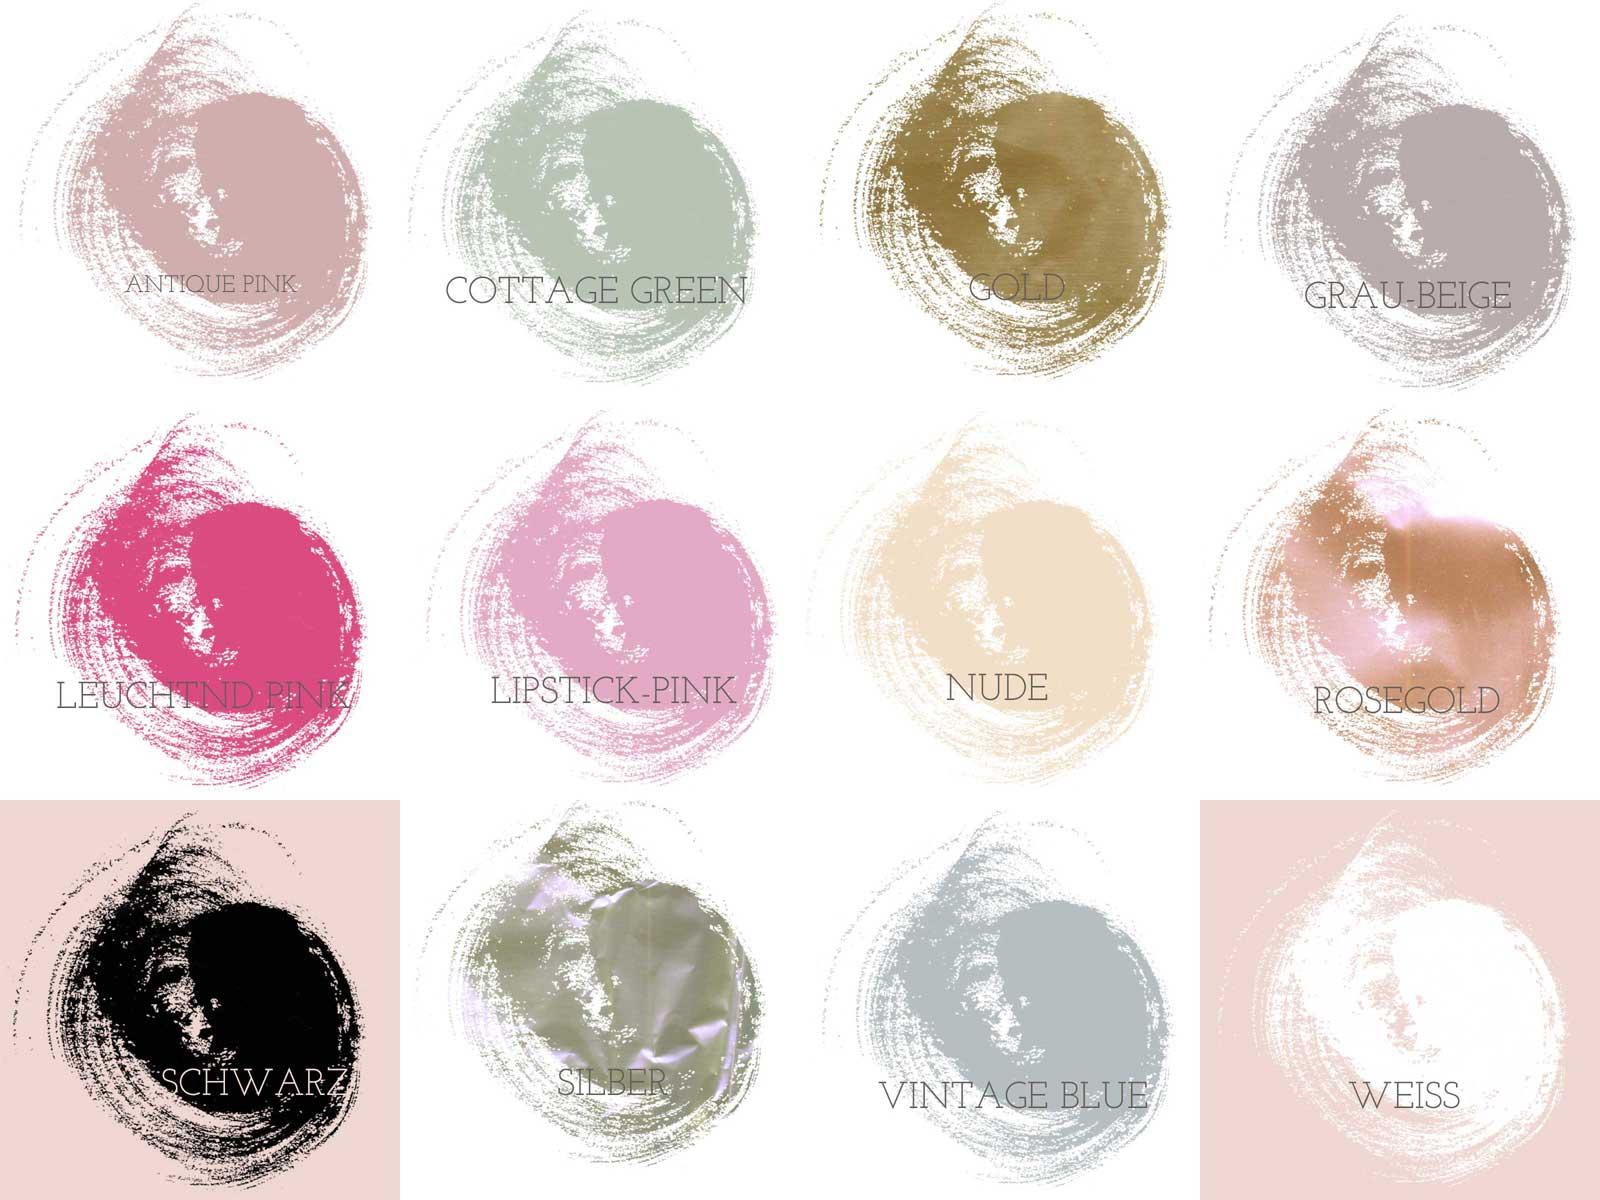 Druckfarben für dein Wunschmotiv